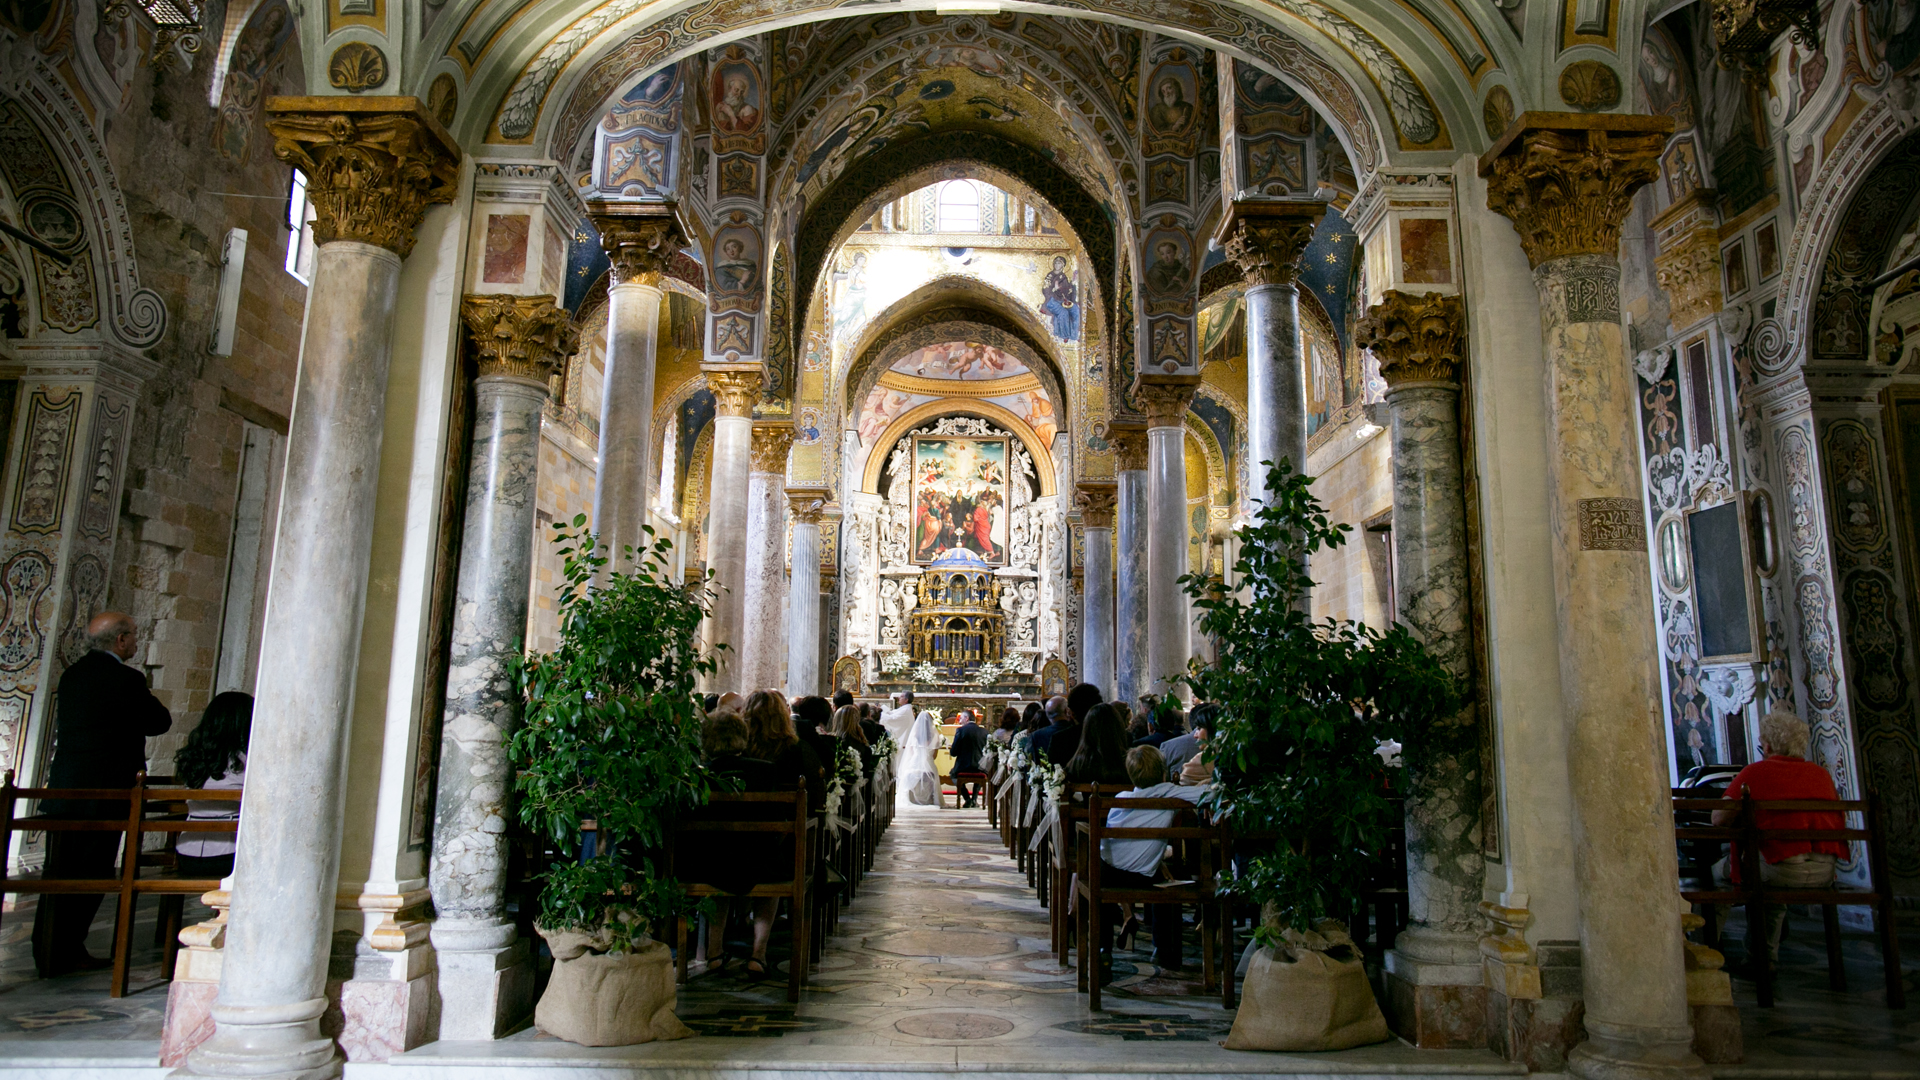 Matrimonio Rustico Palermo : Matrimonio stile reportage a palermo cappella palatina